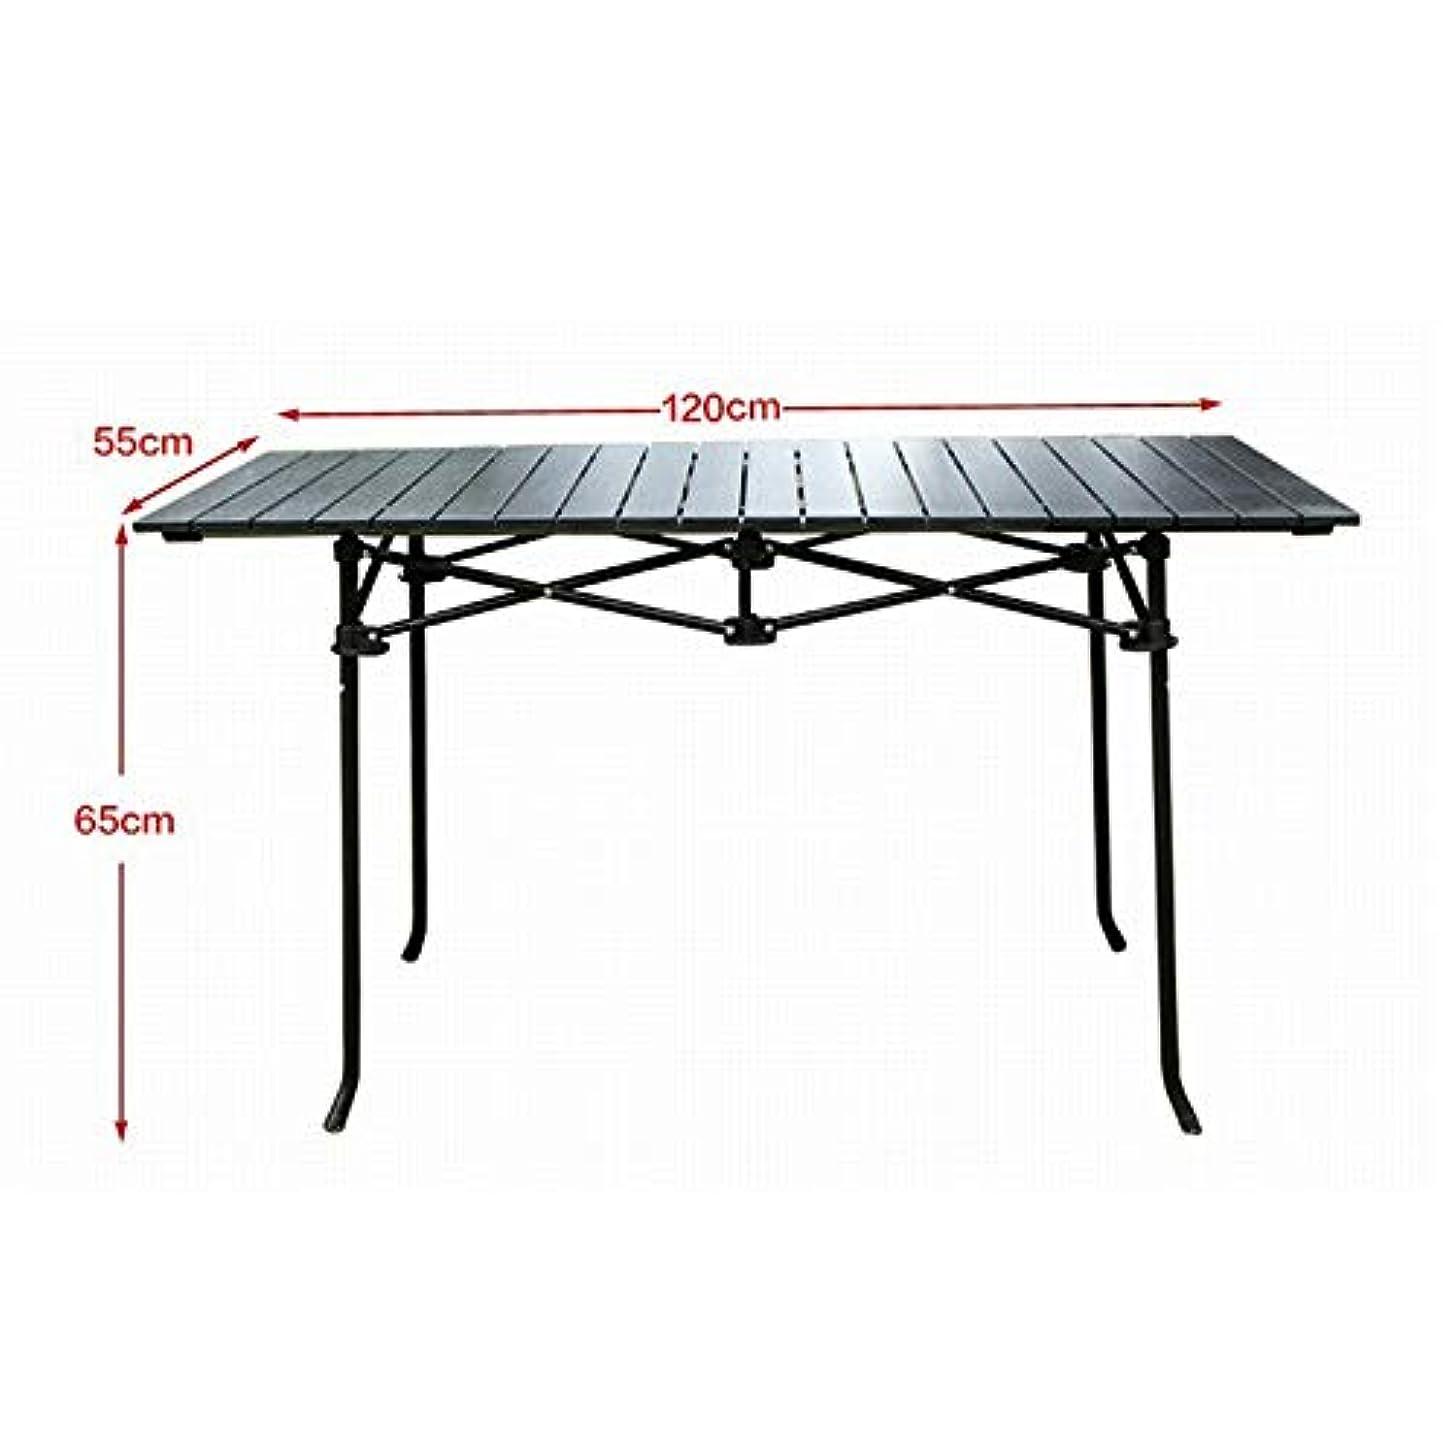 拡散するトラブル話をする速い集まっているアルミニウムはハイキングテーブルの屋外のキャンプの多機能のワークテーブルを転がします アウトドア キャンプ用 (色 : ブラック, サイズ : 120*55*65cm)